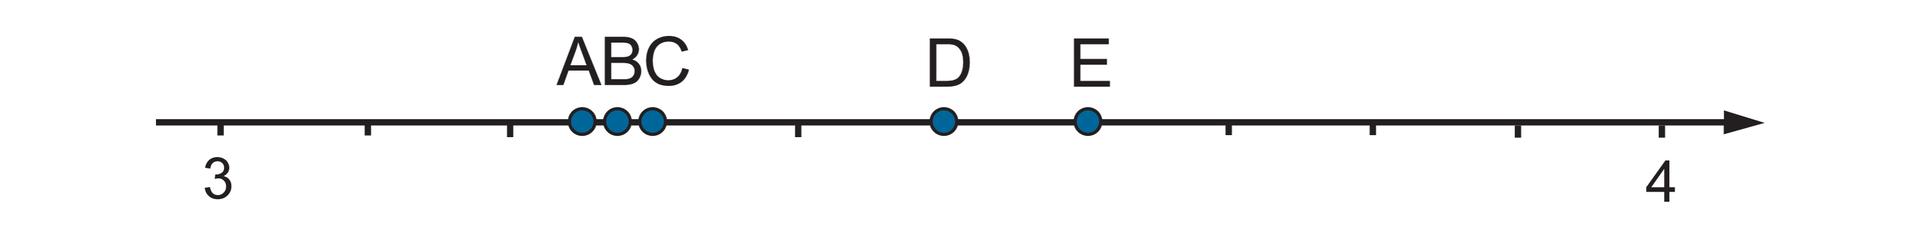 Rysunek osi liczbowej zzaznaczonymi punktami 3 i4. Odcinek jednostkowy podzielony na 9 równych części. Między punktami 3 i4 zaznaczone punkty A, B, C, D, E.